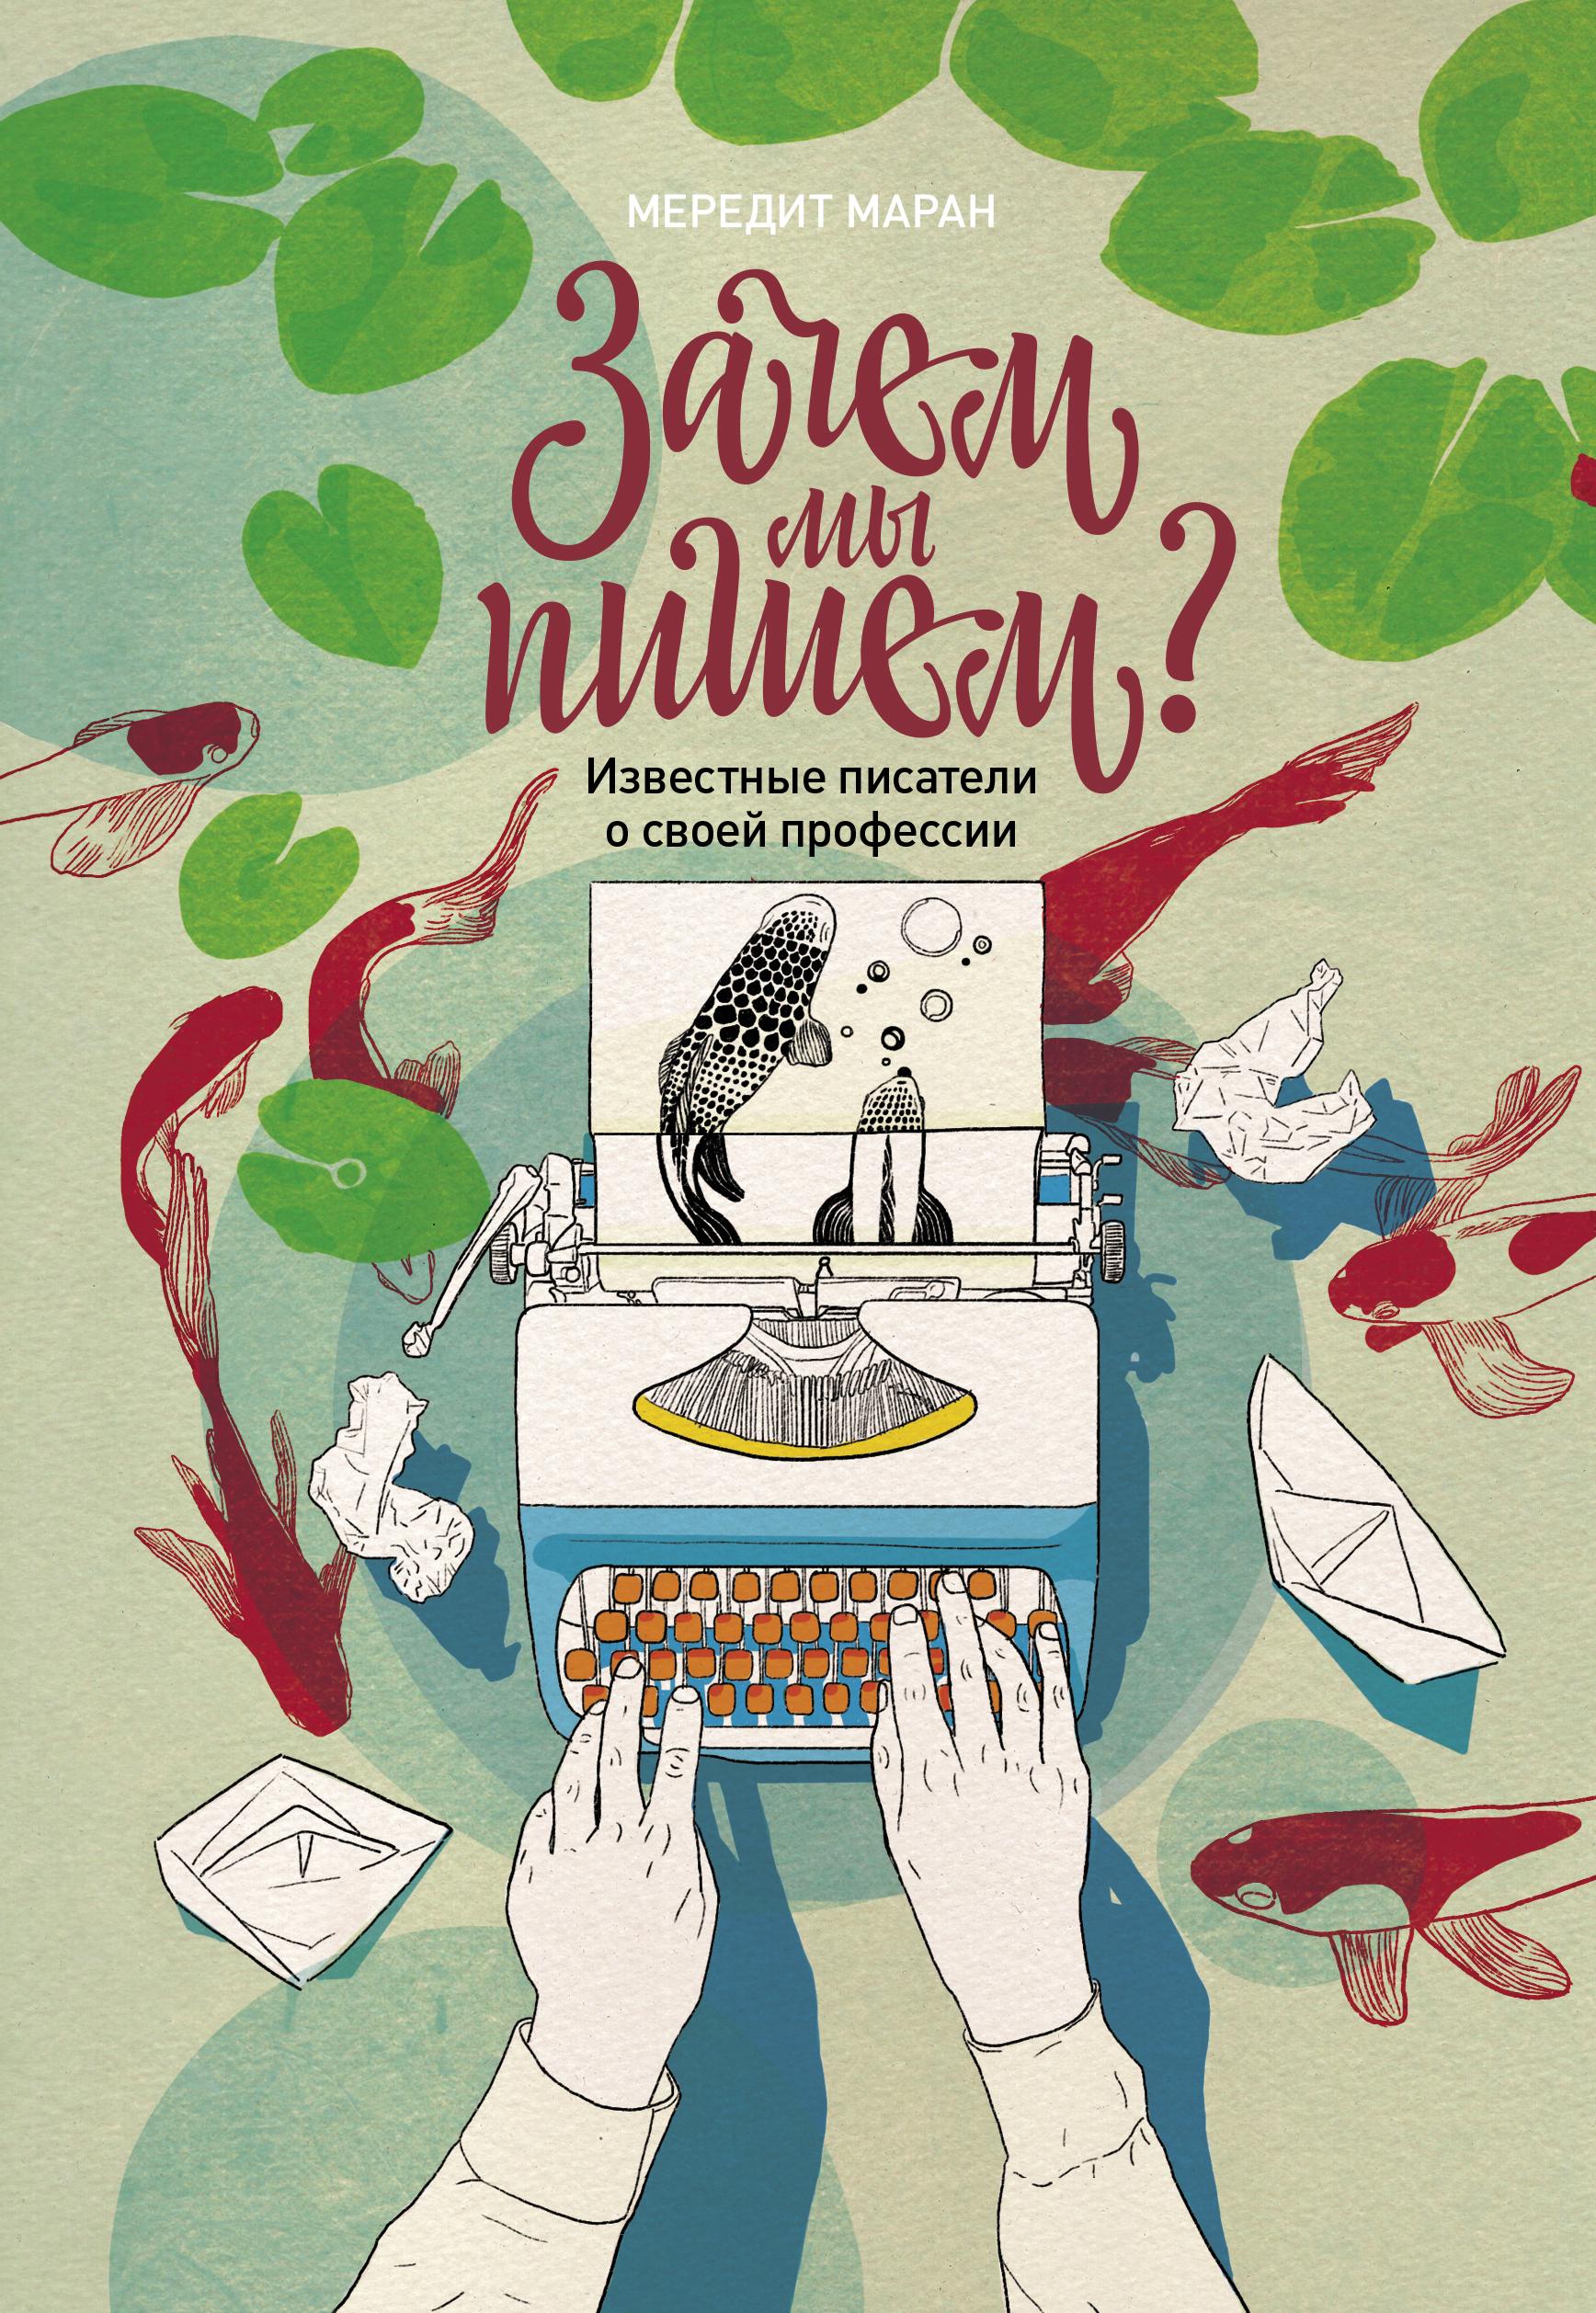 Зачем мы пишем? Известные писатели о своей профессии от book24.ru